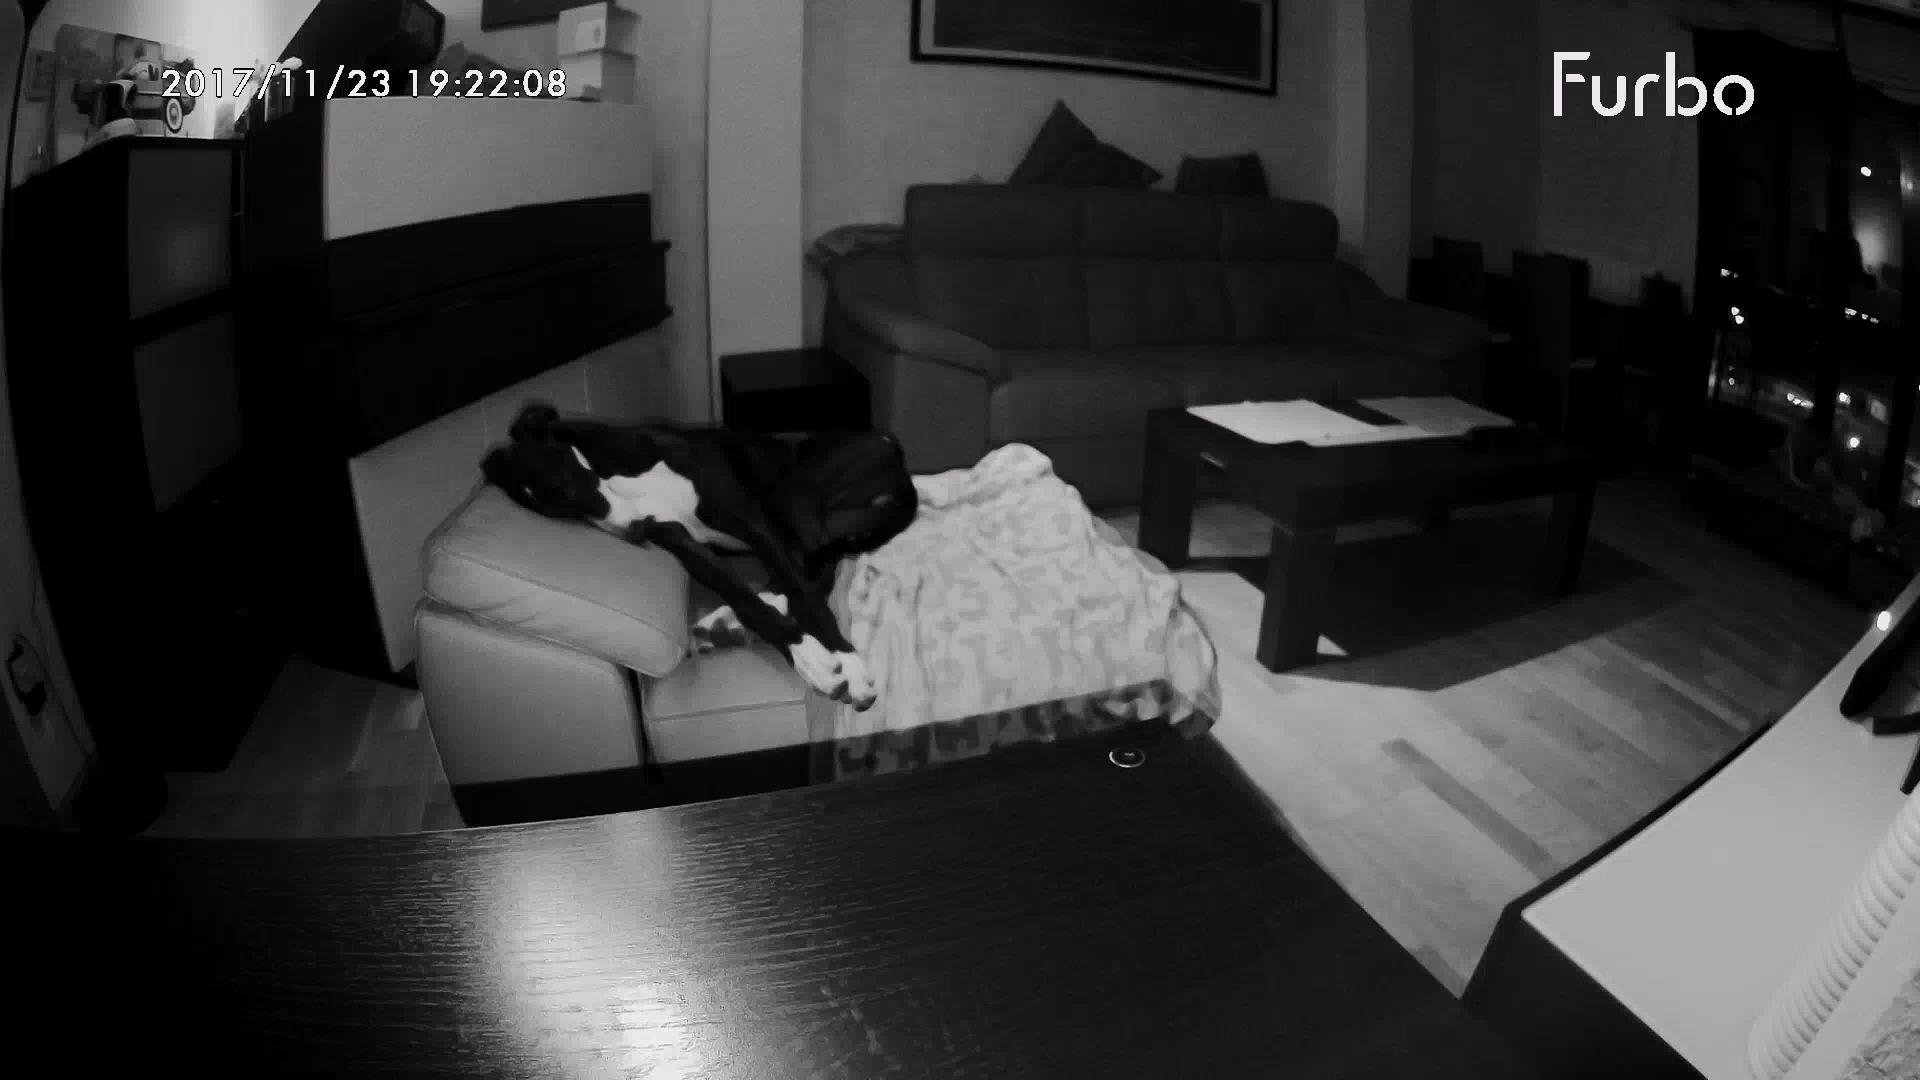 Visión nocturna cámara Furbo